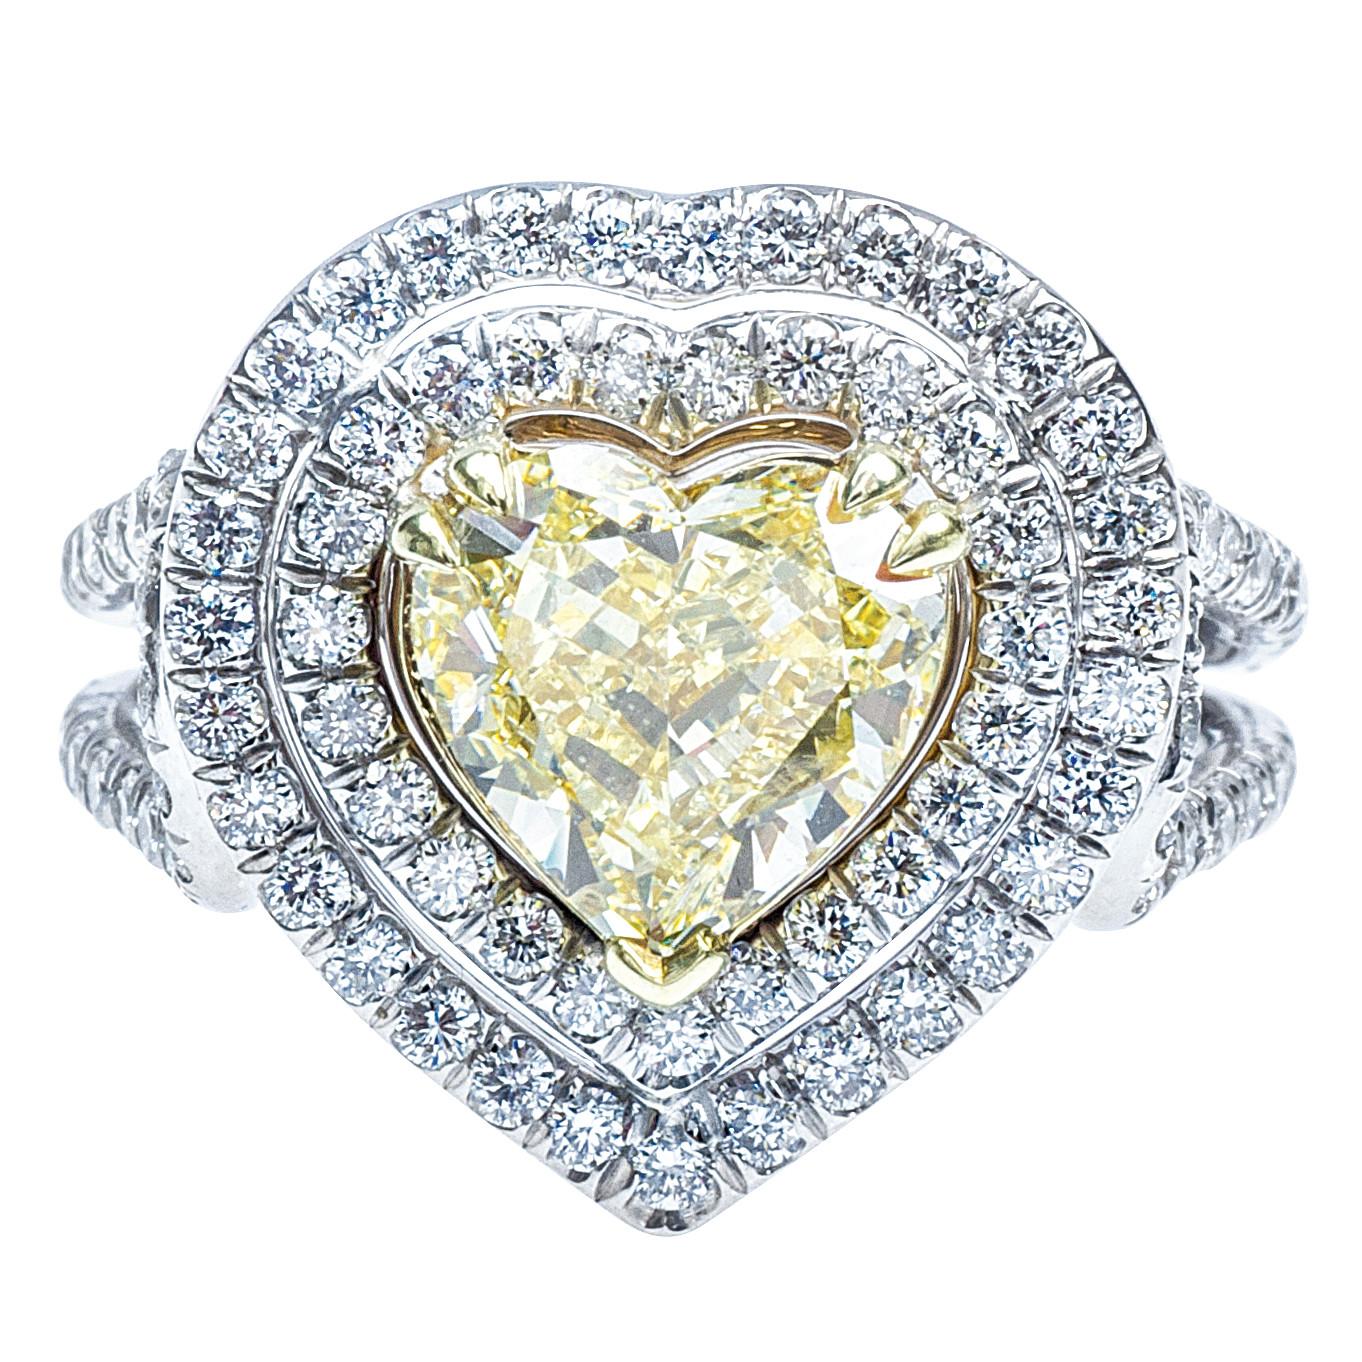 Vintage 3.34 CTW Yellow & White Diamond Heart Ring